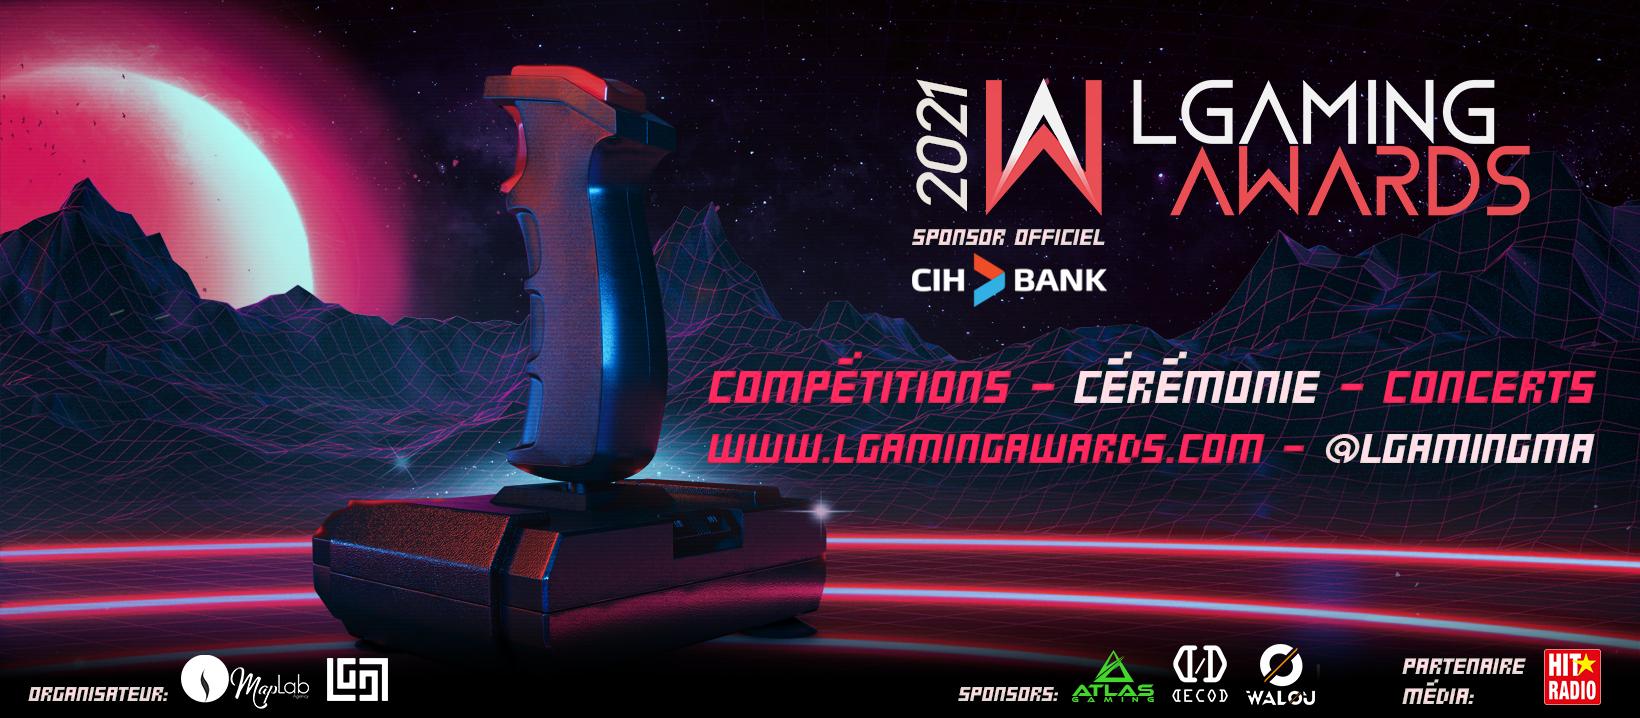 LGAMING Awards : Une première pour les fans de jeux vidéo au Maroc